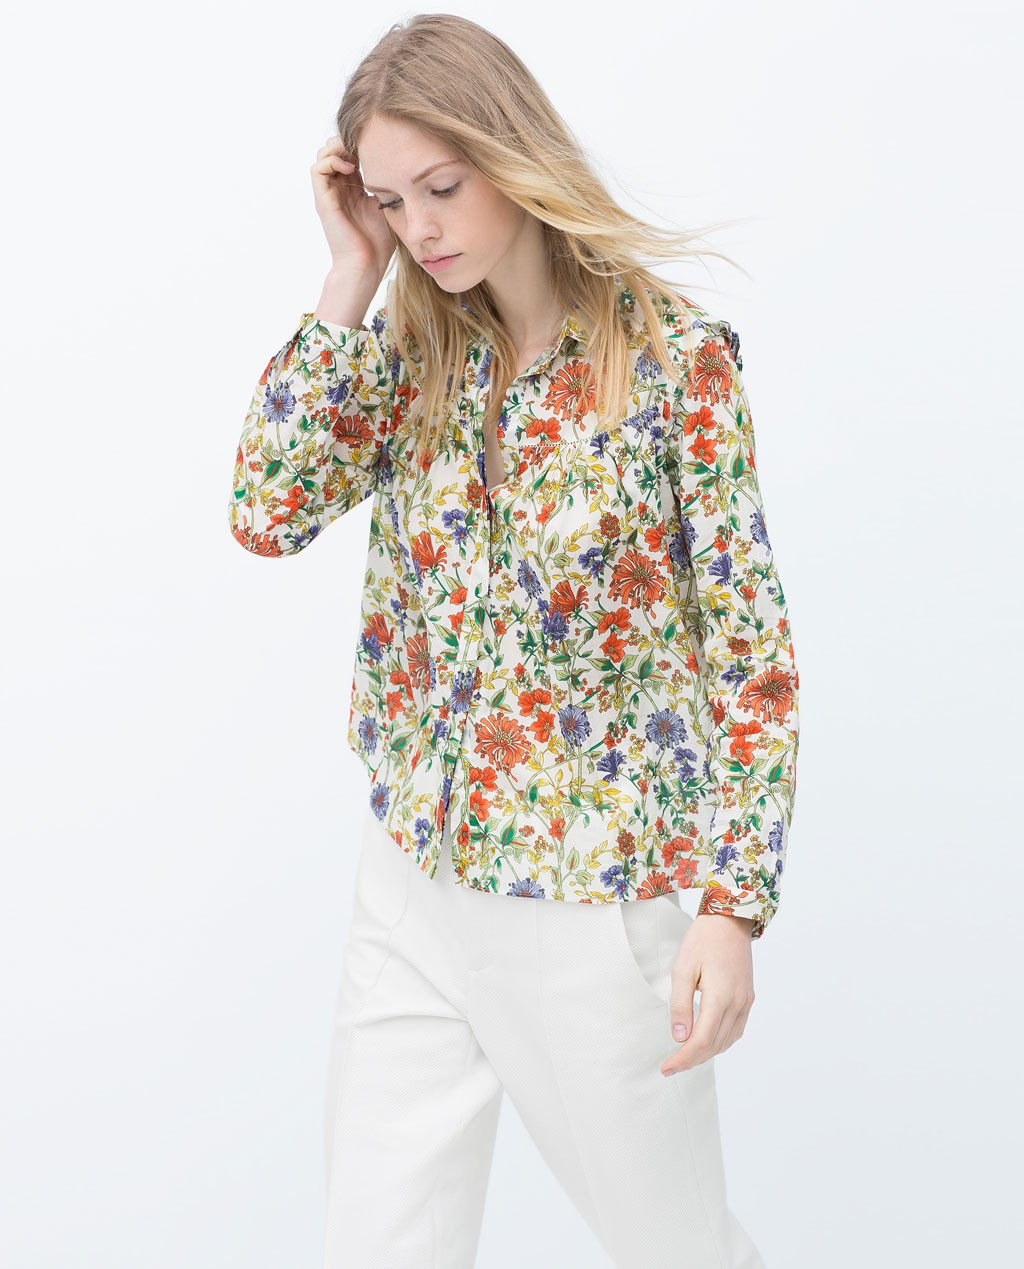 mejor valor incomparable mejor venta Camisas - Zara Sin categoría - Zara - Novedades de Zara